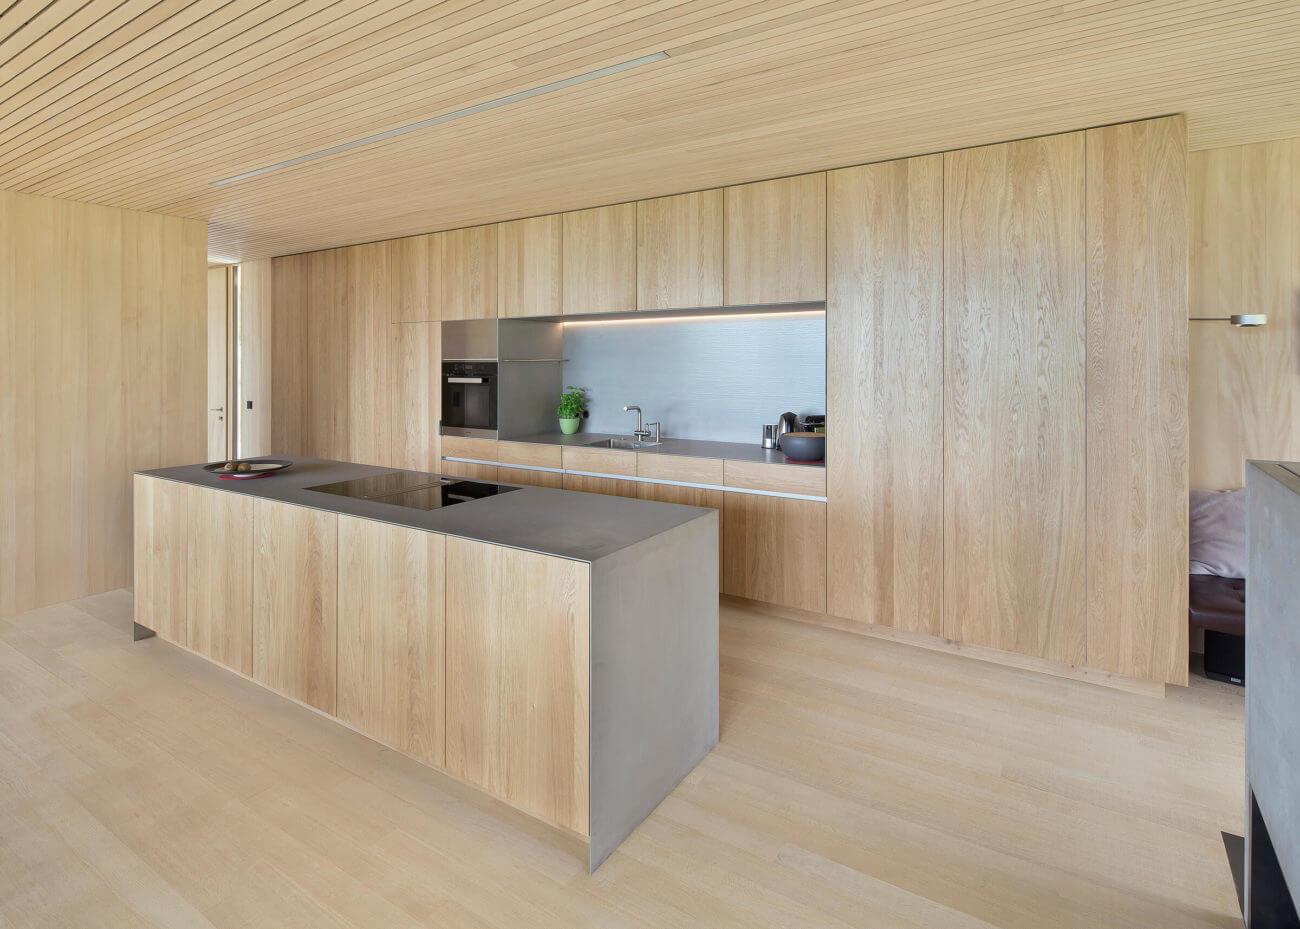 Küche aus Holz mit Kochinsel Foto: Dietrich | Untertrifaller (Angela Lamprecht)